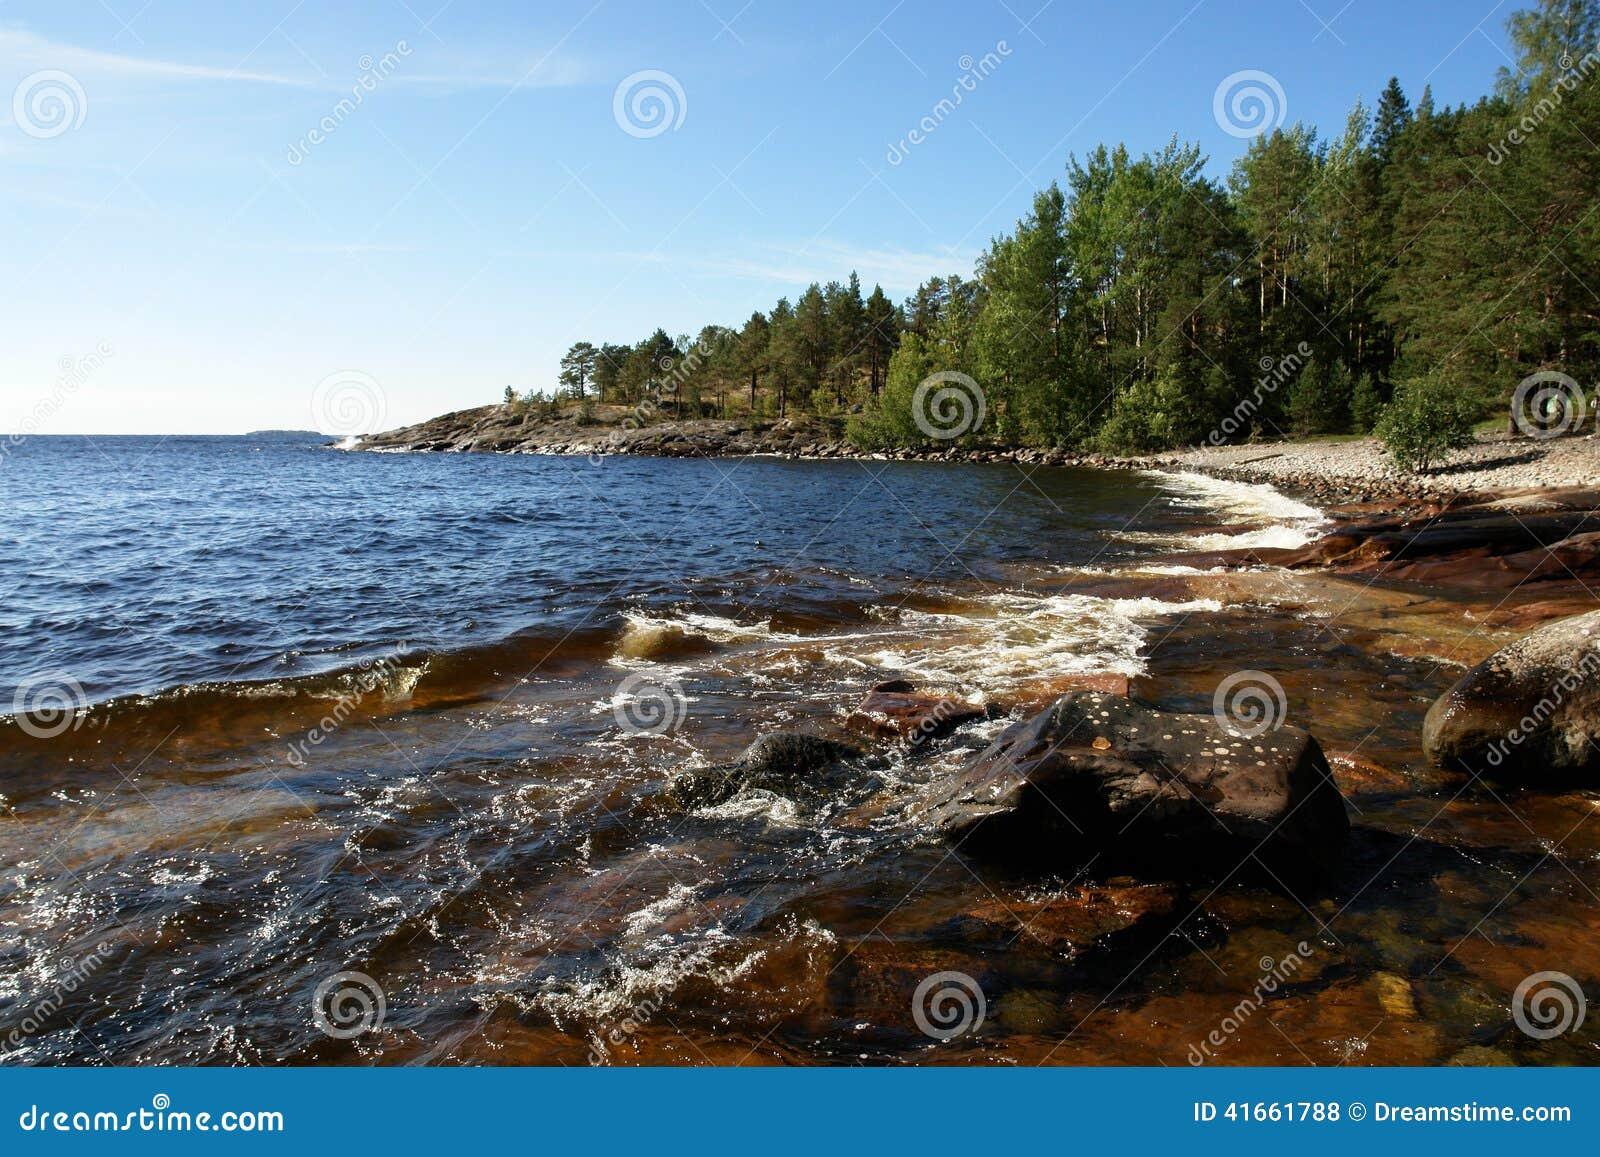 Скалистый берег с лесом